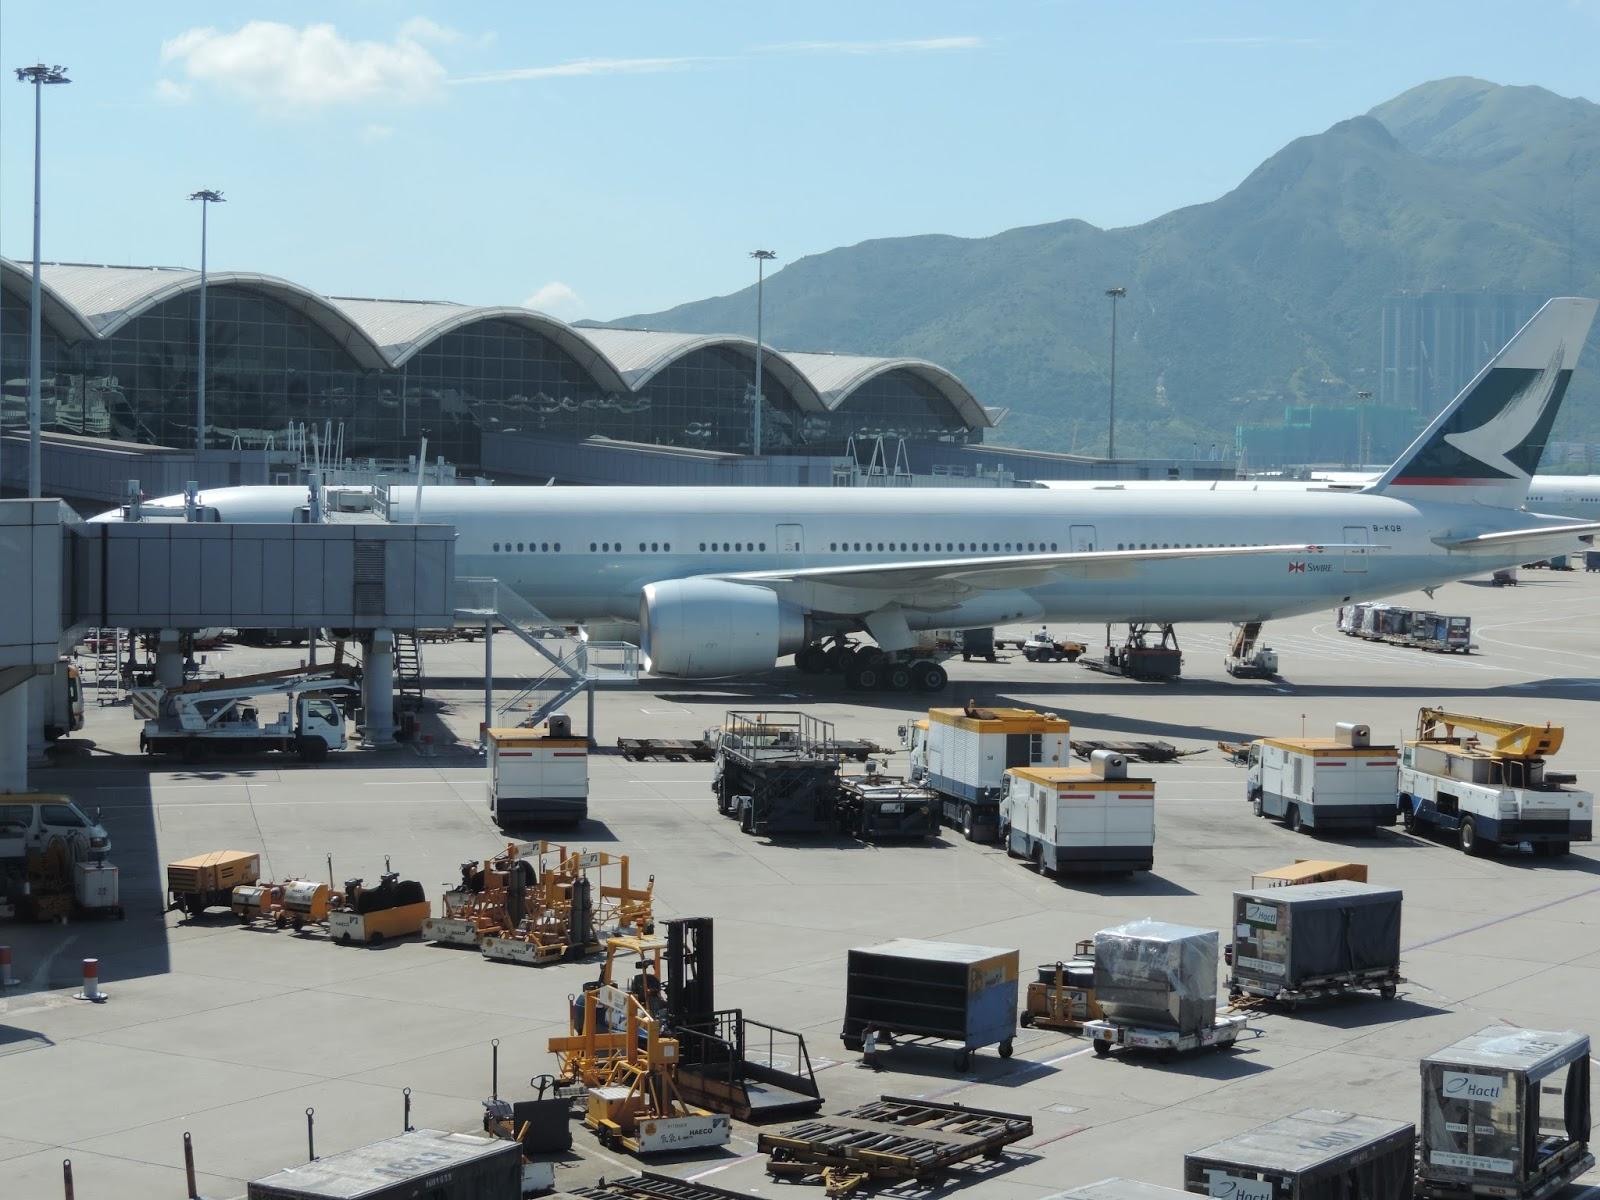 許自己一個飛行的夢: [中華航空] 11 AUG 2013 CI 904 香港HKG→臺北TPE X艙 39C Gate 32